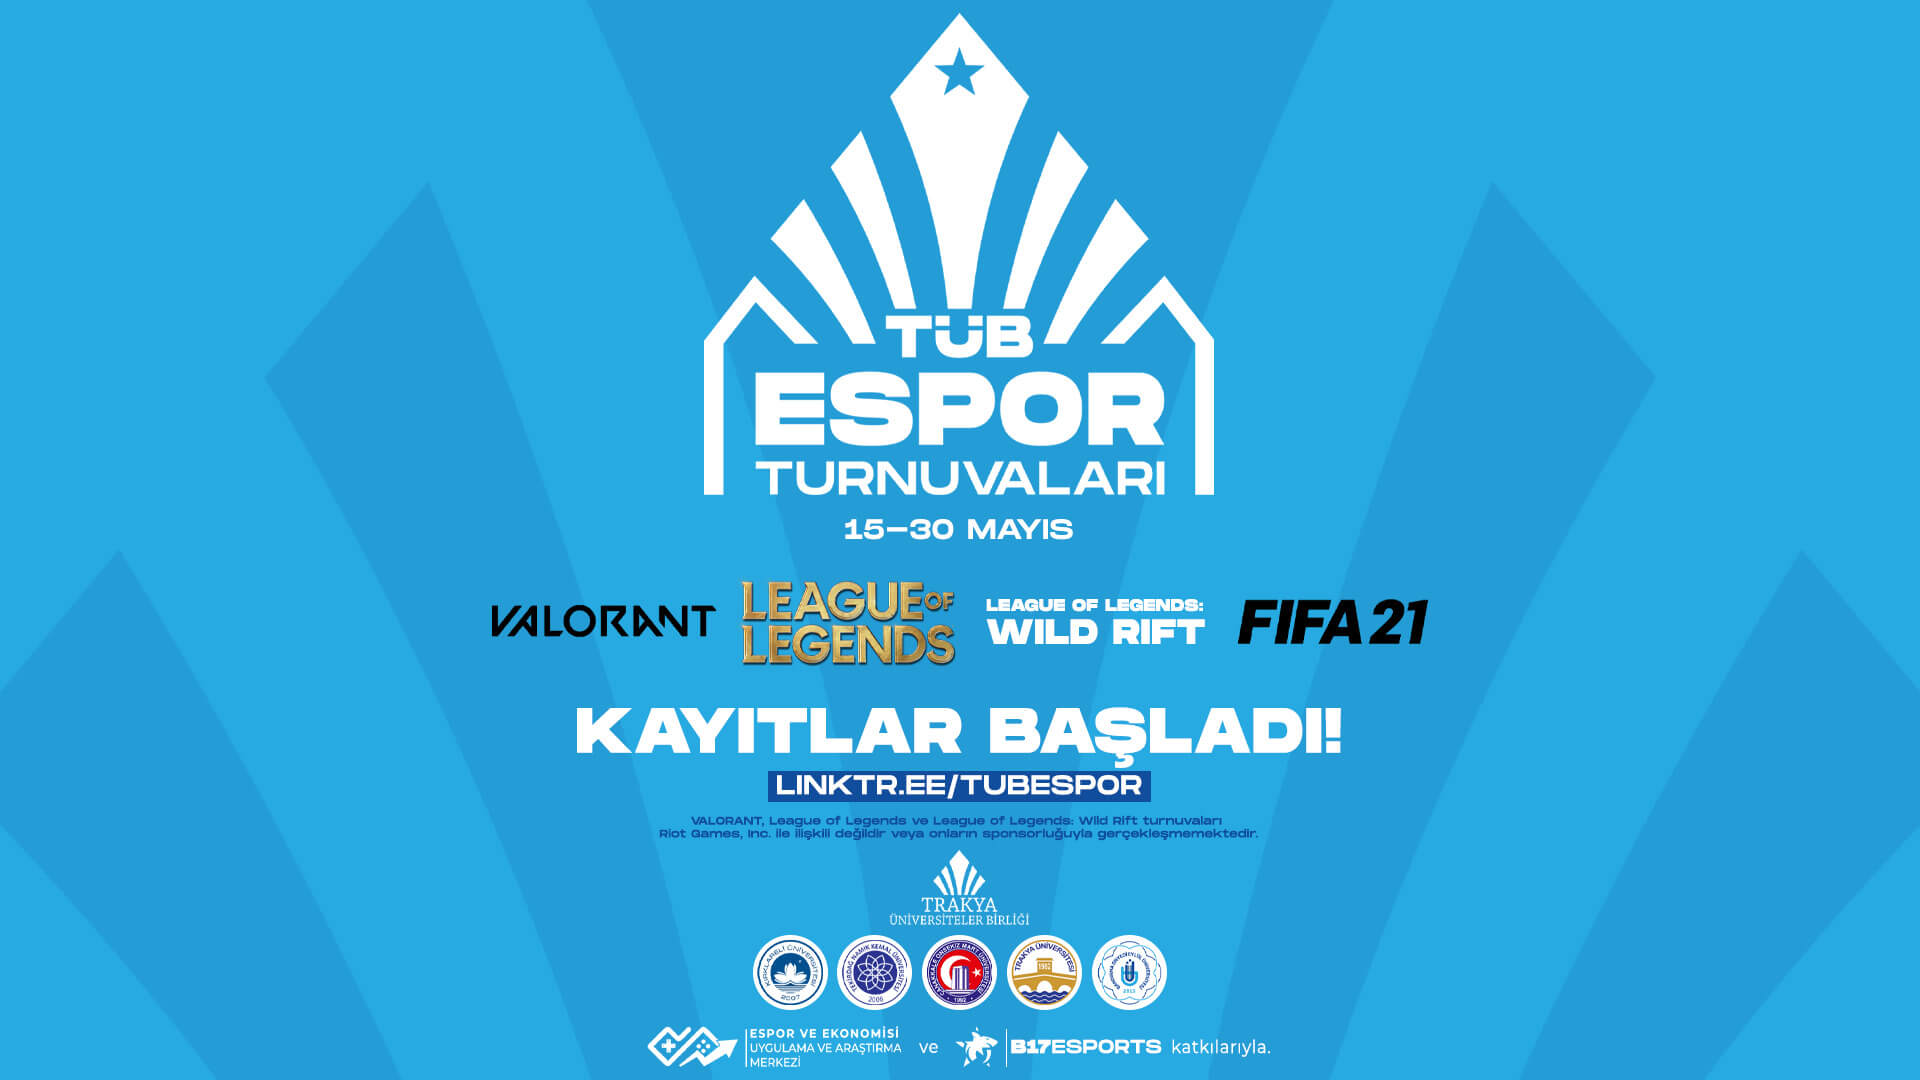 TÜB Espor Turnuvaları 15 Mayıs'da başlıyor!